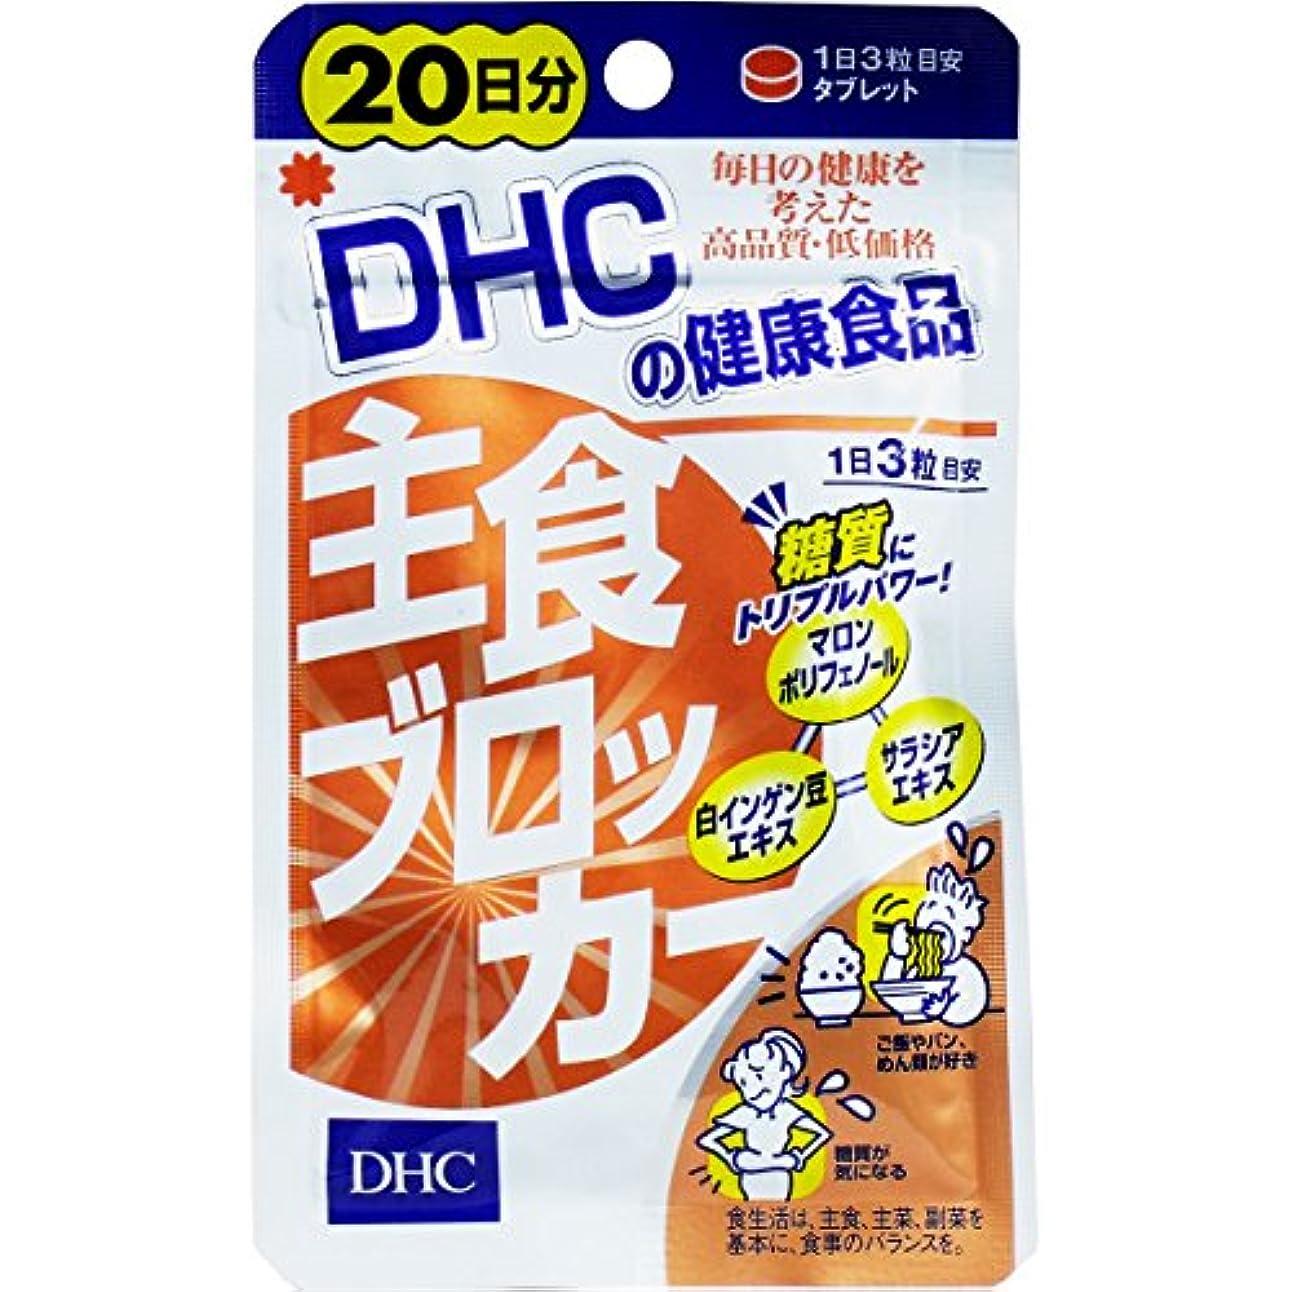 気付く失効挑発するダイエット トリプルパワーでため込み対策 栄養機能食品 DHC 主食ブロッカー 20日分 60粒入【5個セット】